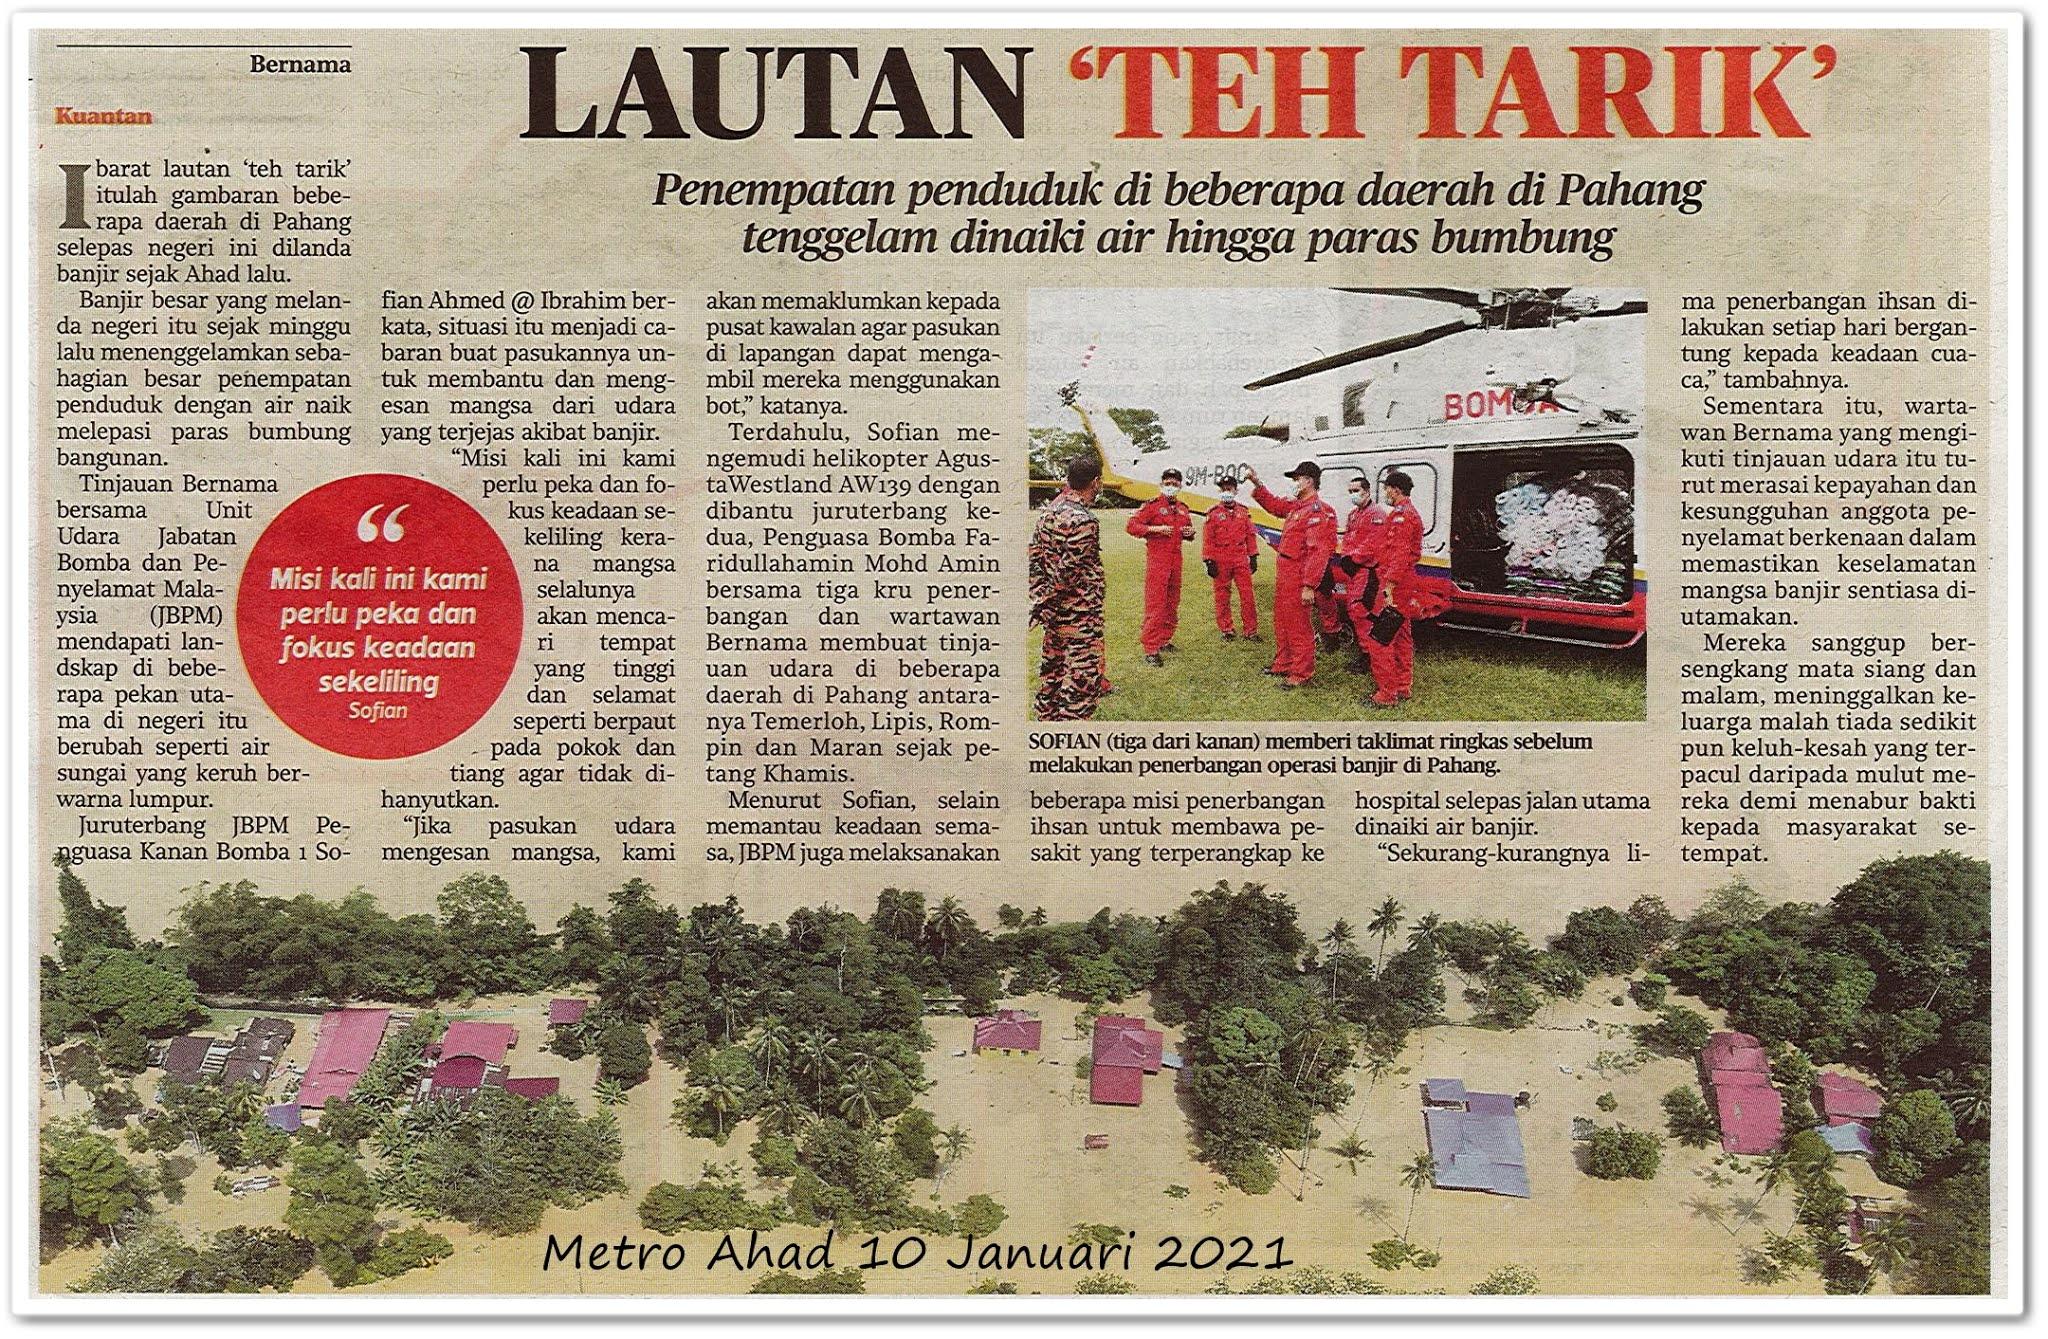 Lautan 'teh tarik' - Keratan akhbar Metro Ahad 10 Januari 2021